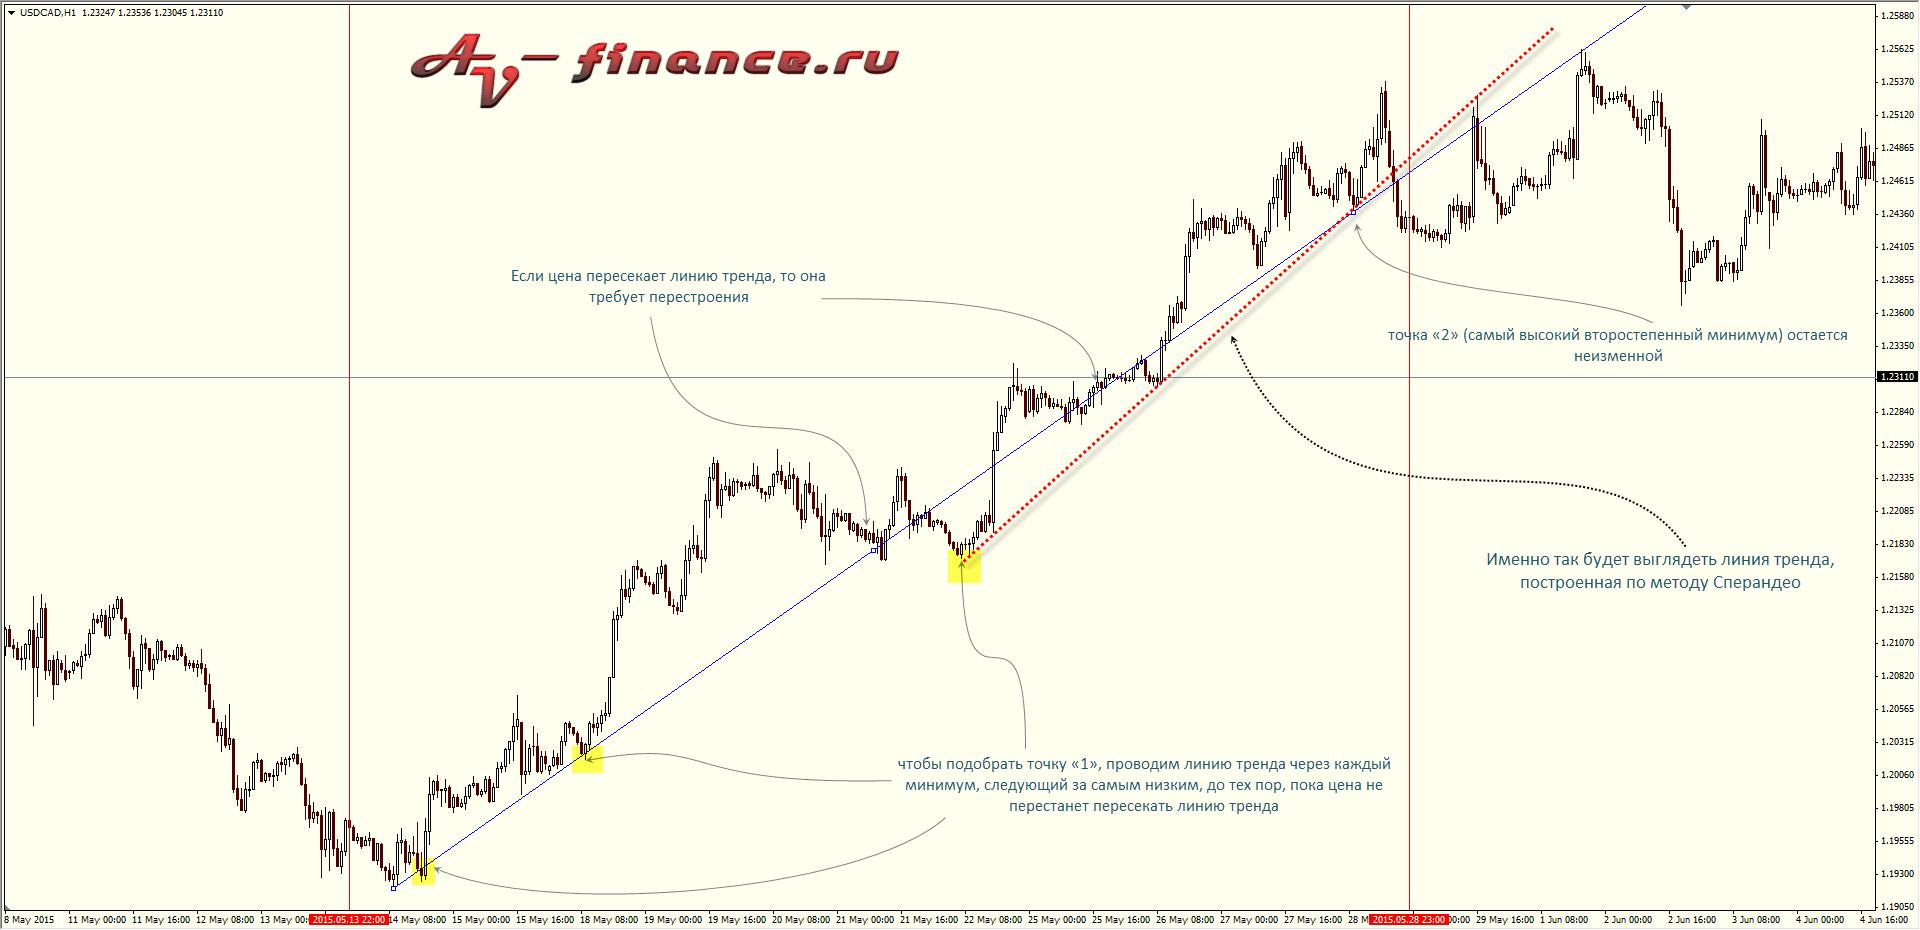 Алгоритм построения линий тренда по методу Сперандео